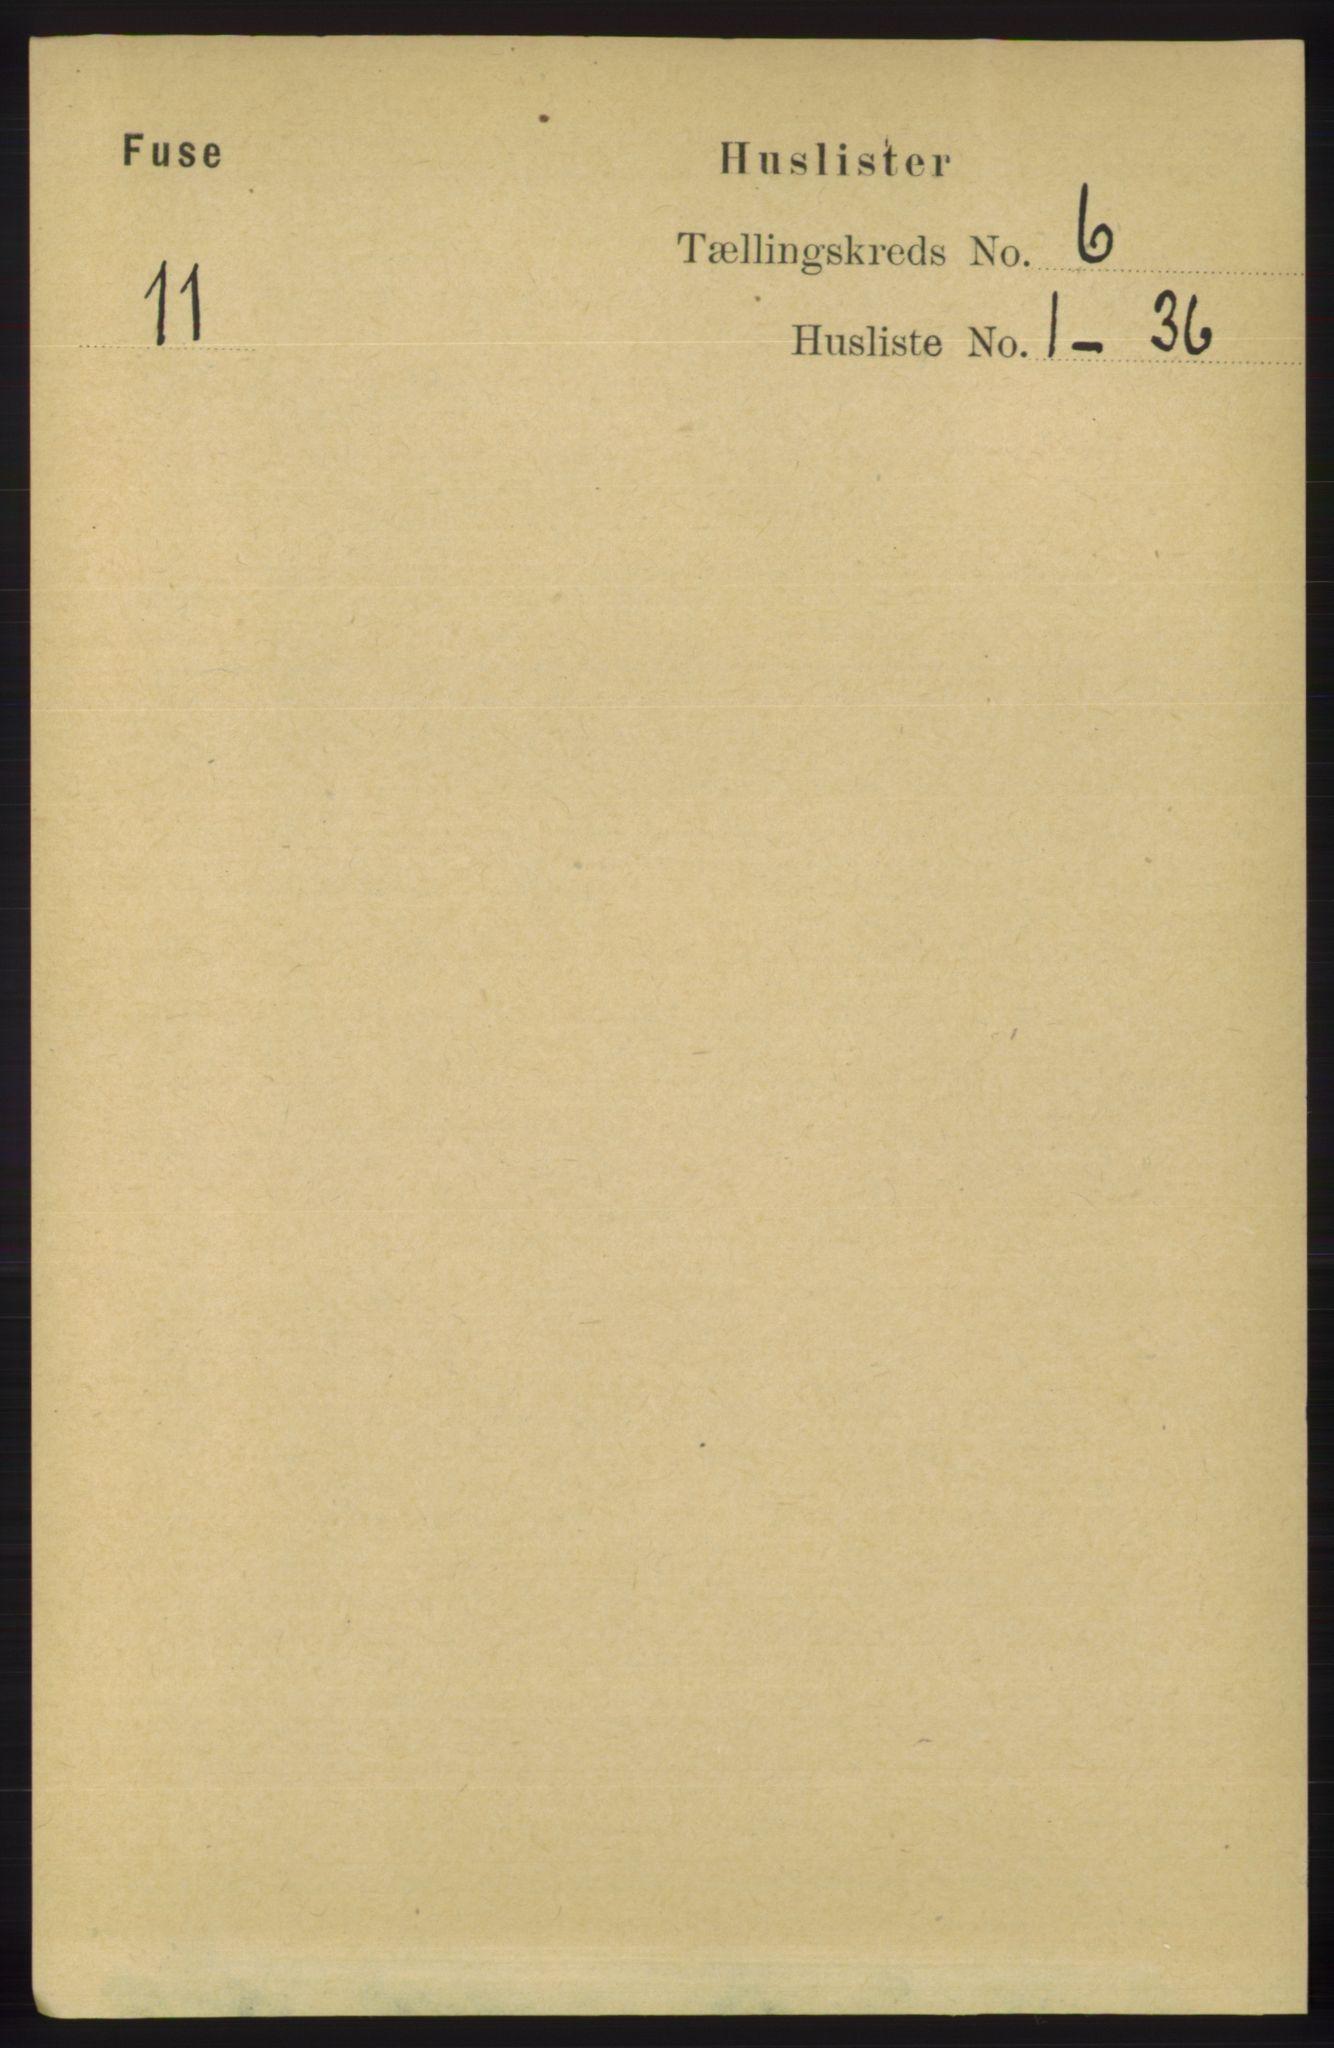 RA, Folketelling 1891 for 1241 Fusa herred, 1891, s. 1042